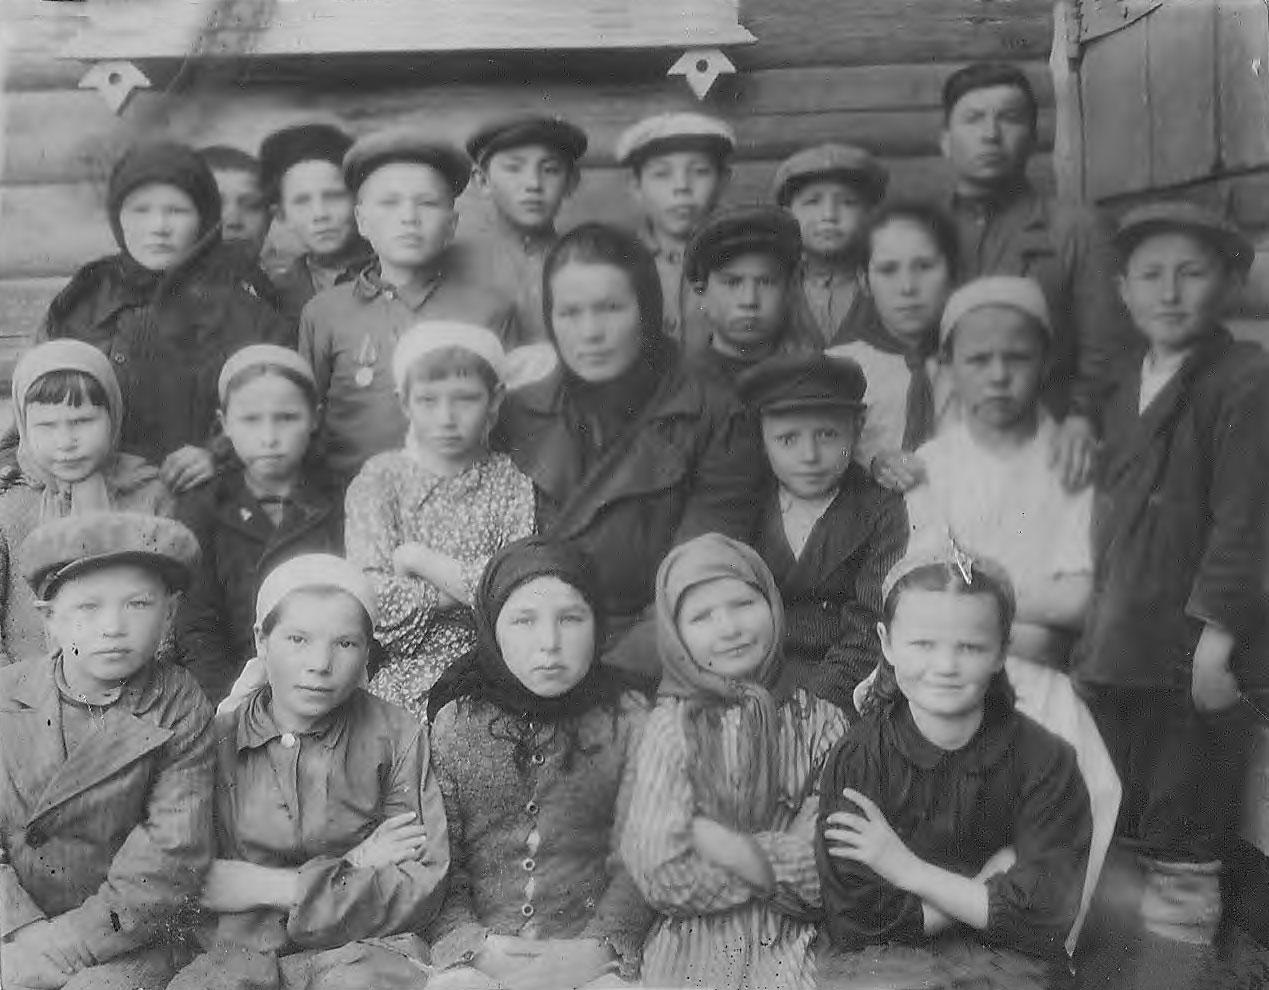 Фото 1947 года